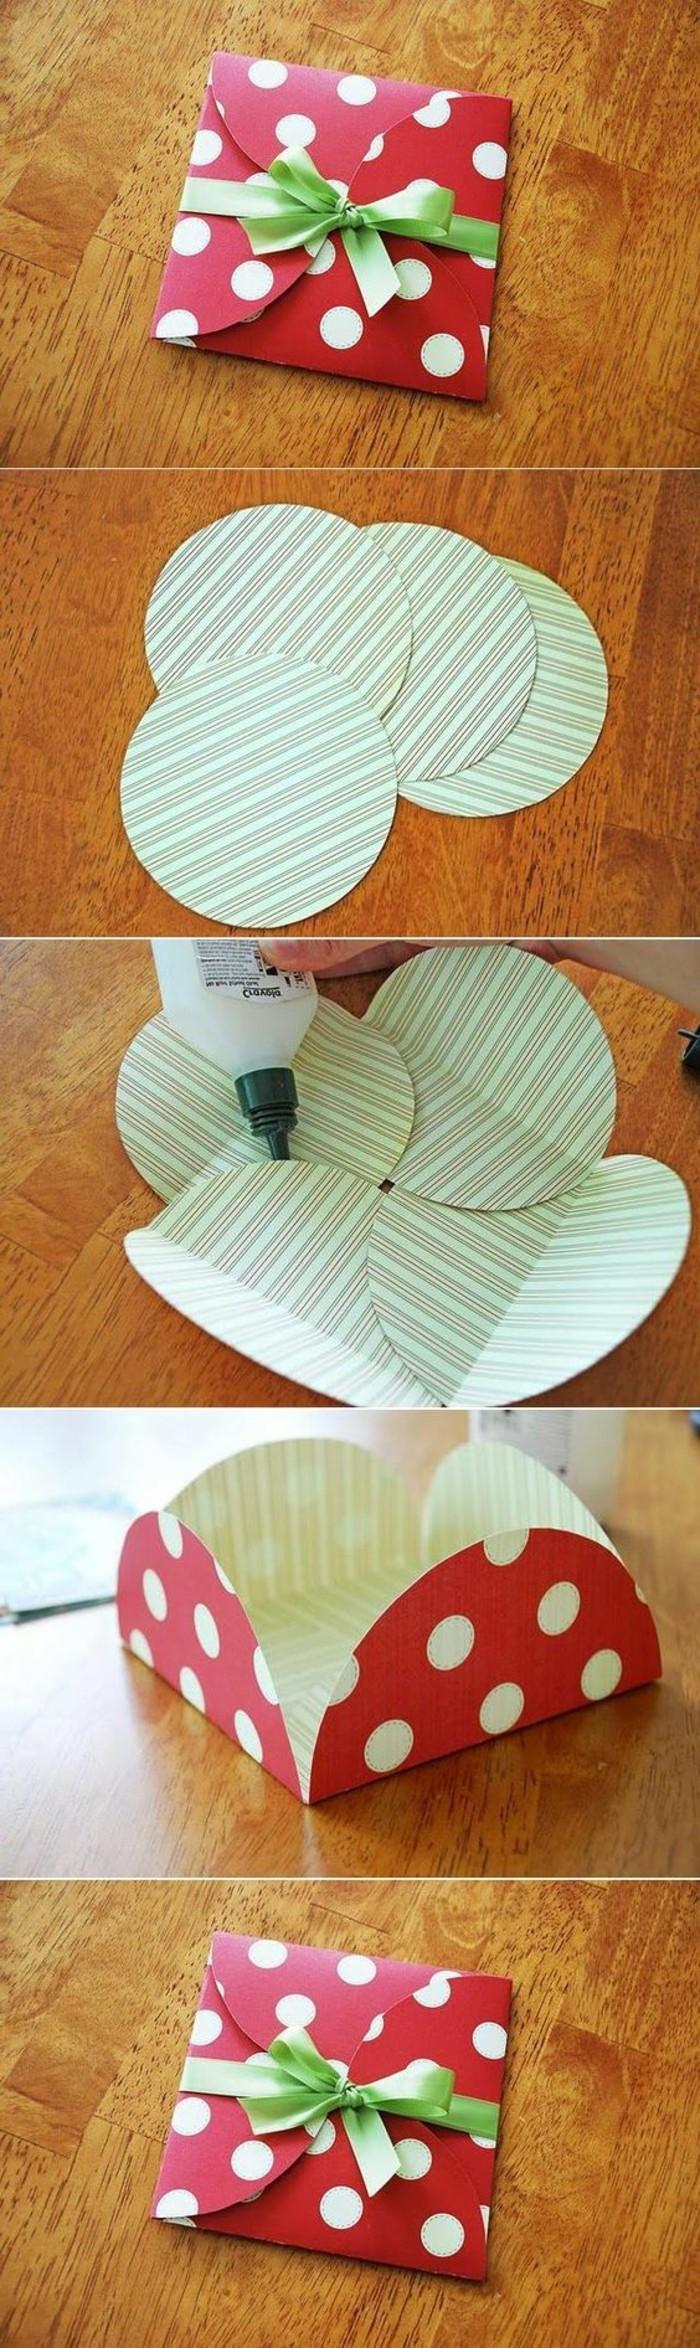 idee-pour-fabriquer-une-eveloppe-avec-des-ronds-de-papier-colles-et-plies